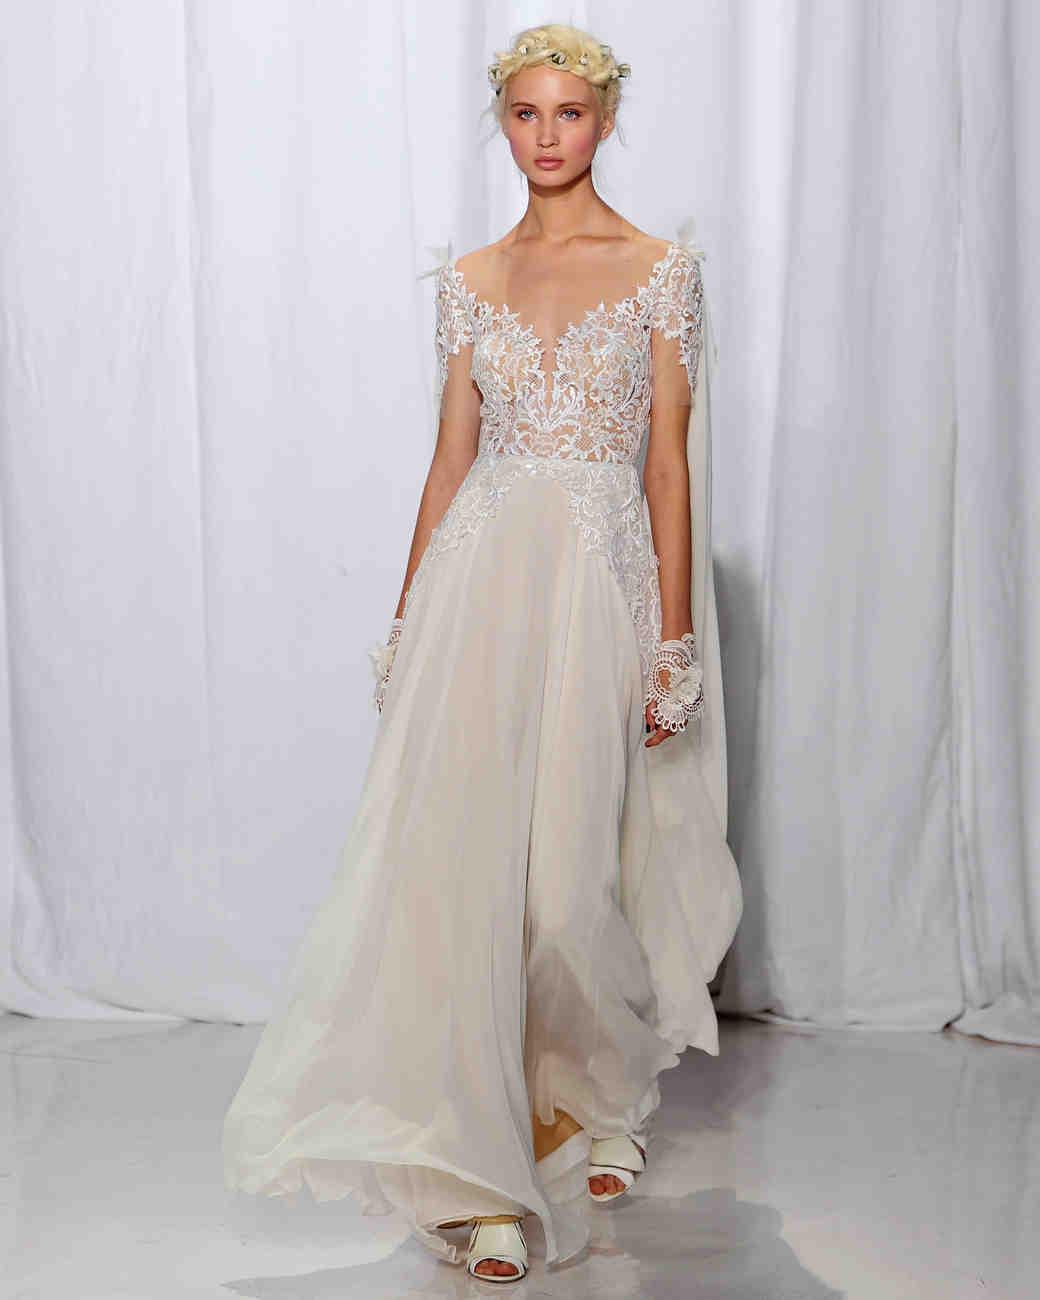 Reem Acra Wedding Gown 79 Fresh Reem Acra Fall Wedding